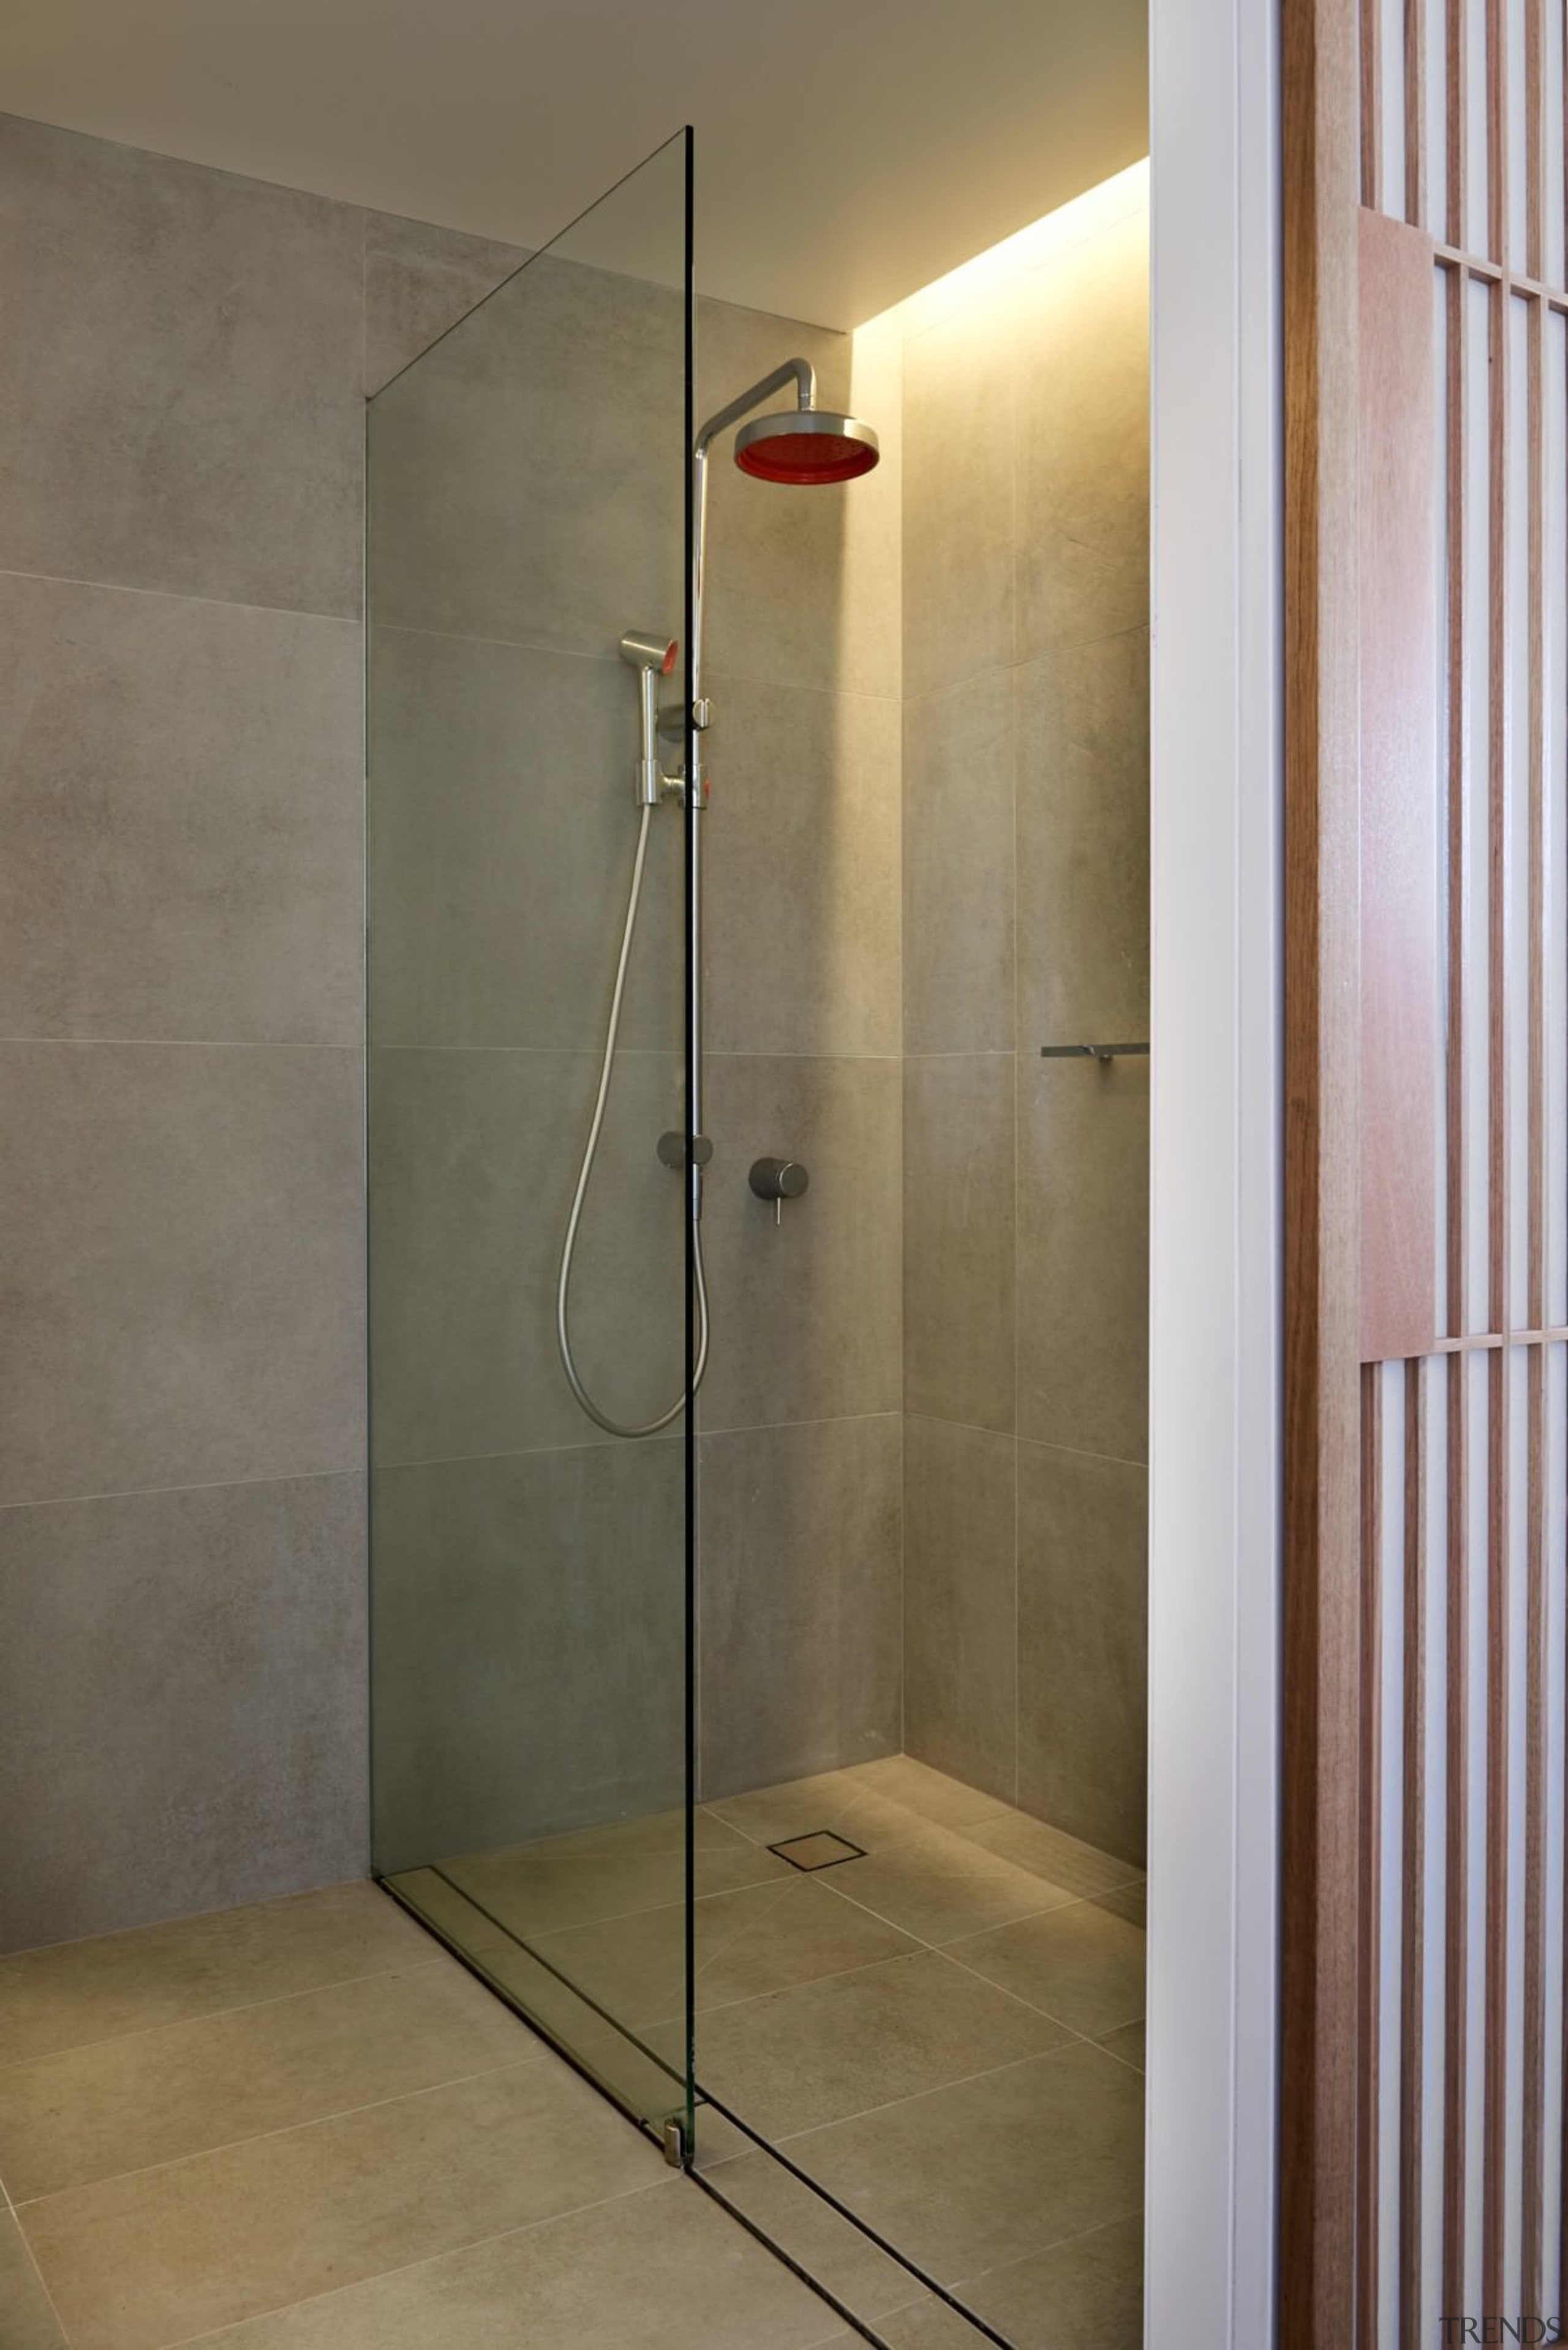 The bathroom has tiles running into the shower angle, bathroom, floor, glass, plumbing fixture, shower, shower door, tile, wall, gray, brown